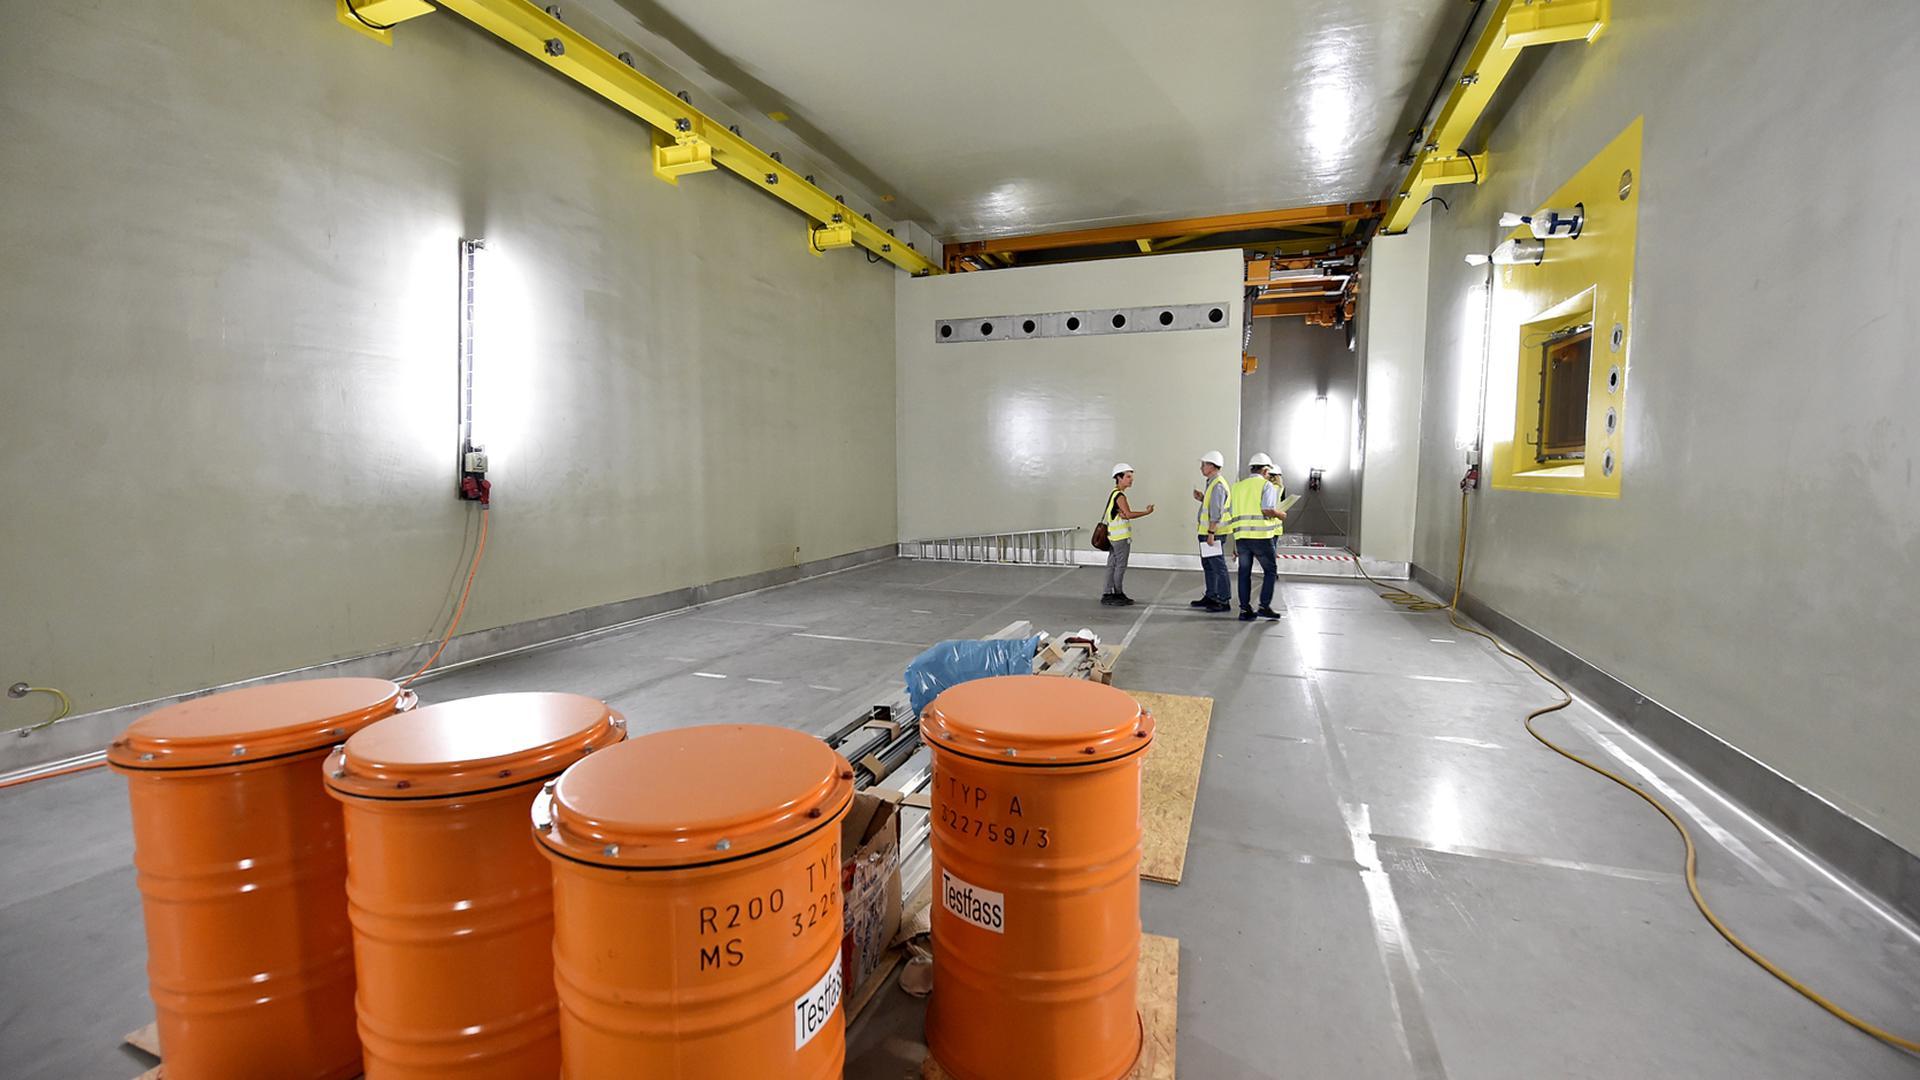 Blick in das neue Lagergebäude der KTE für mittelradioaktiven Müll. Diesen Raum wird später wegen der großen Gefahr kein Mensch je betreten dürfen.